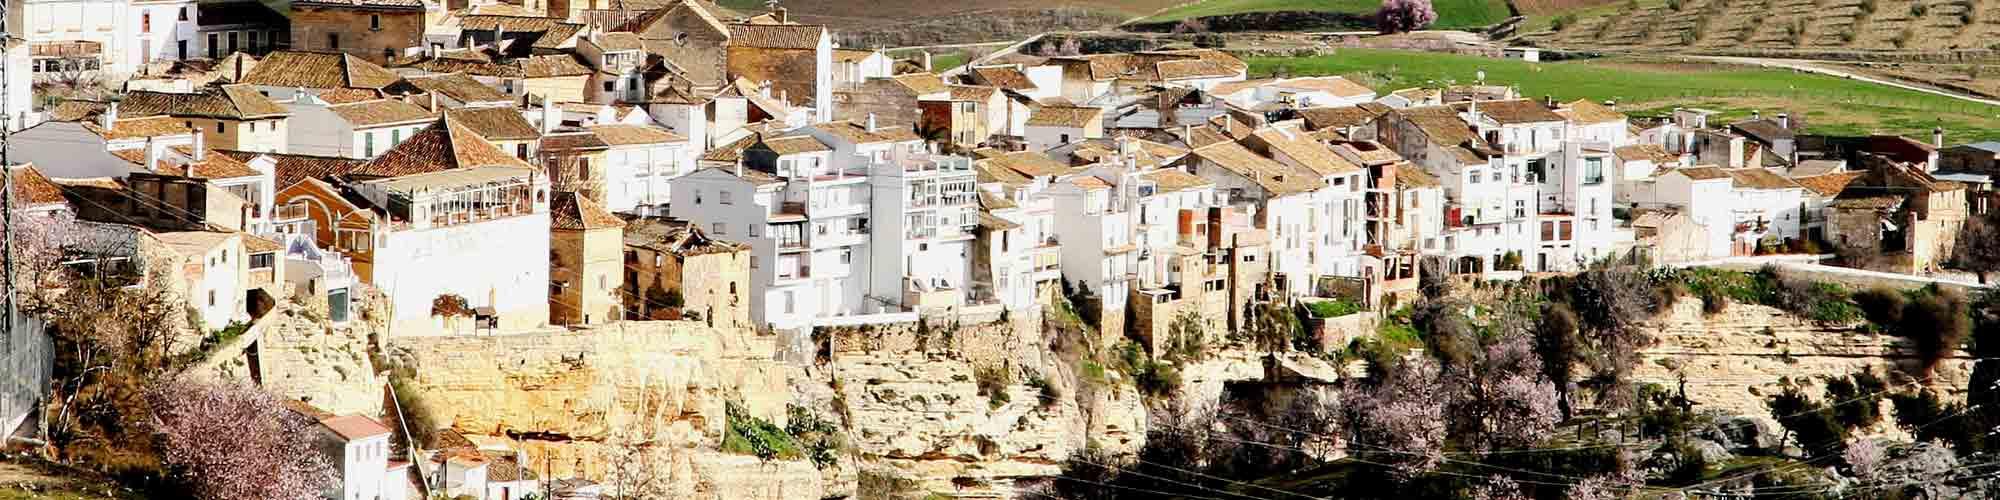 Granada  - EL PAIS Viajes